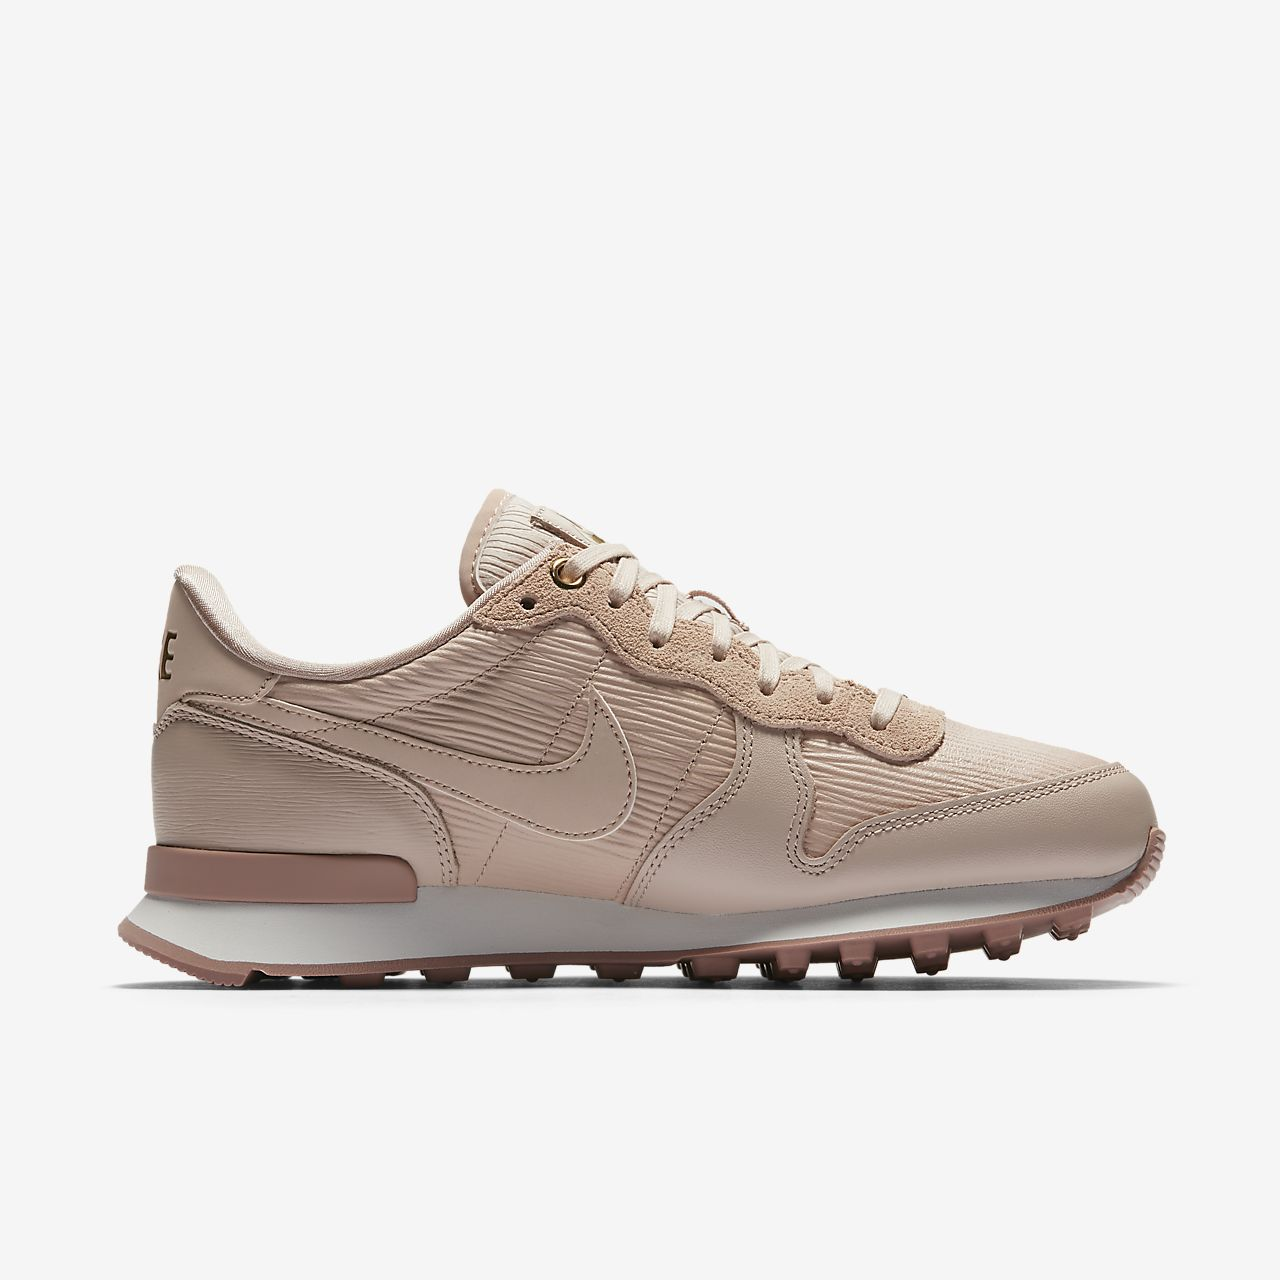 Chaussures Nike Internationalistes Beige Pour Les Femmes 38 hS60CQz